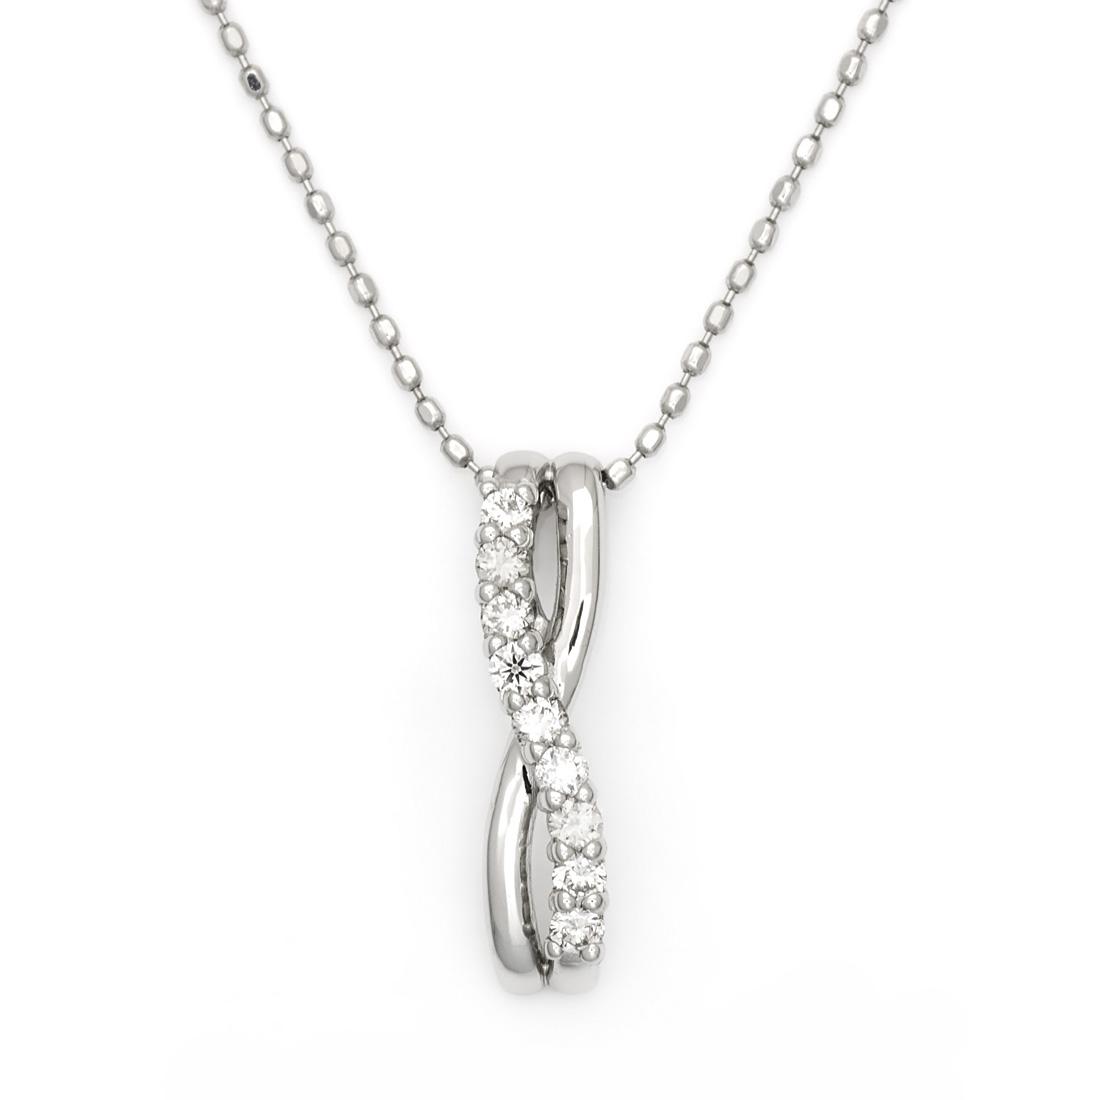 PT900 ダイヤモンド ペンダントトップ ネックレス ダイアモンド 誕生日 4月誕生石 プラチナ900 記念日 メッセージ ギフト 贈り物